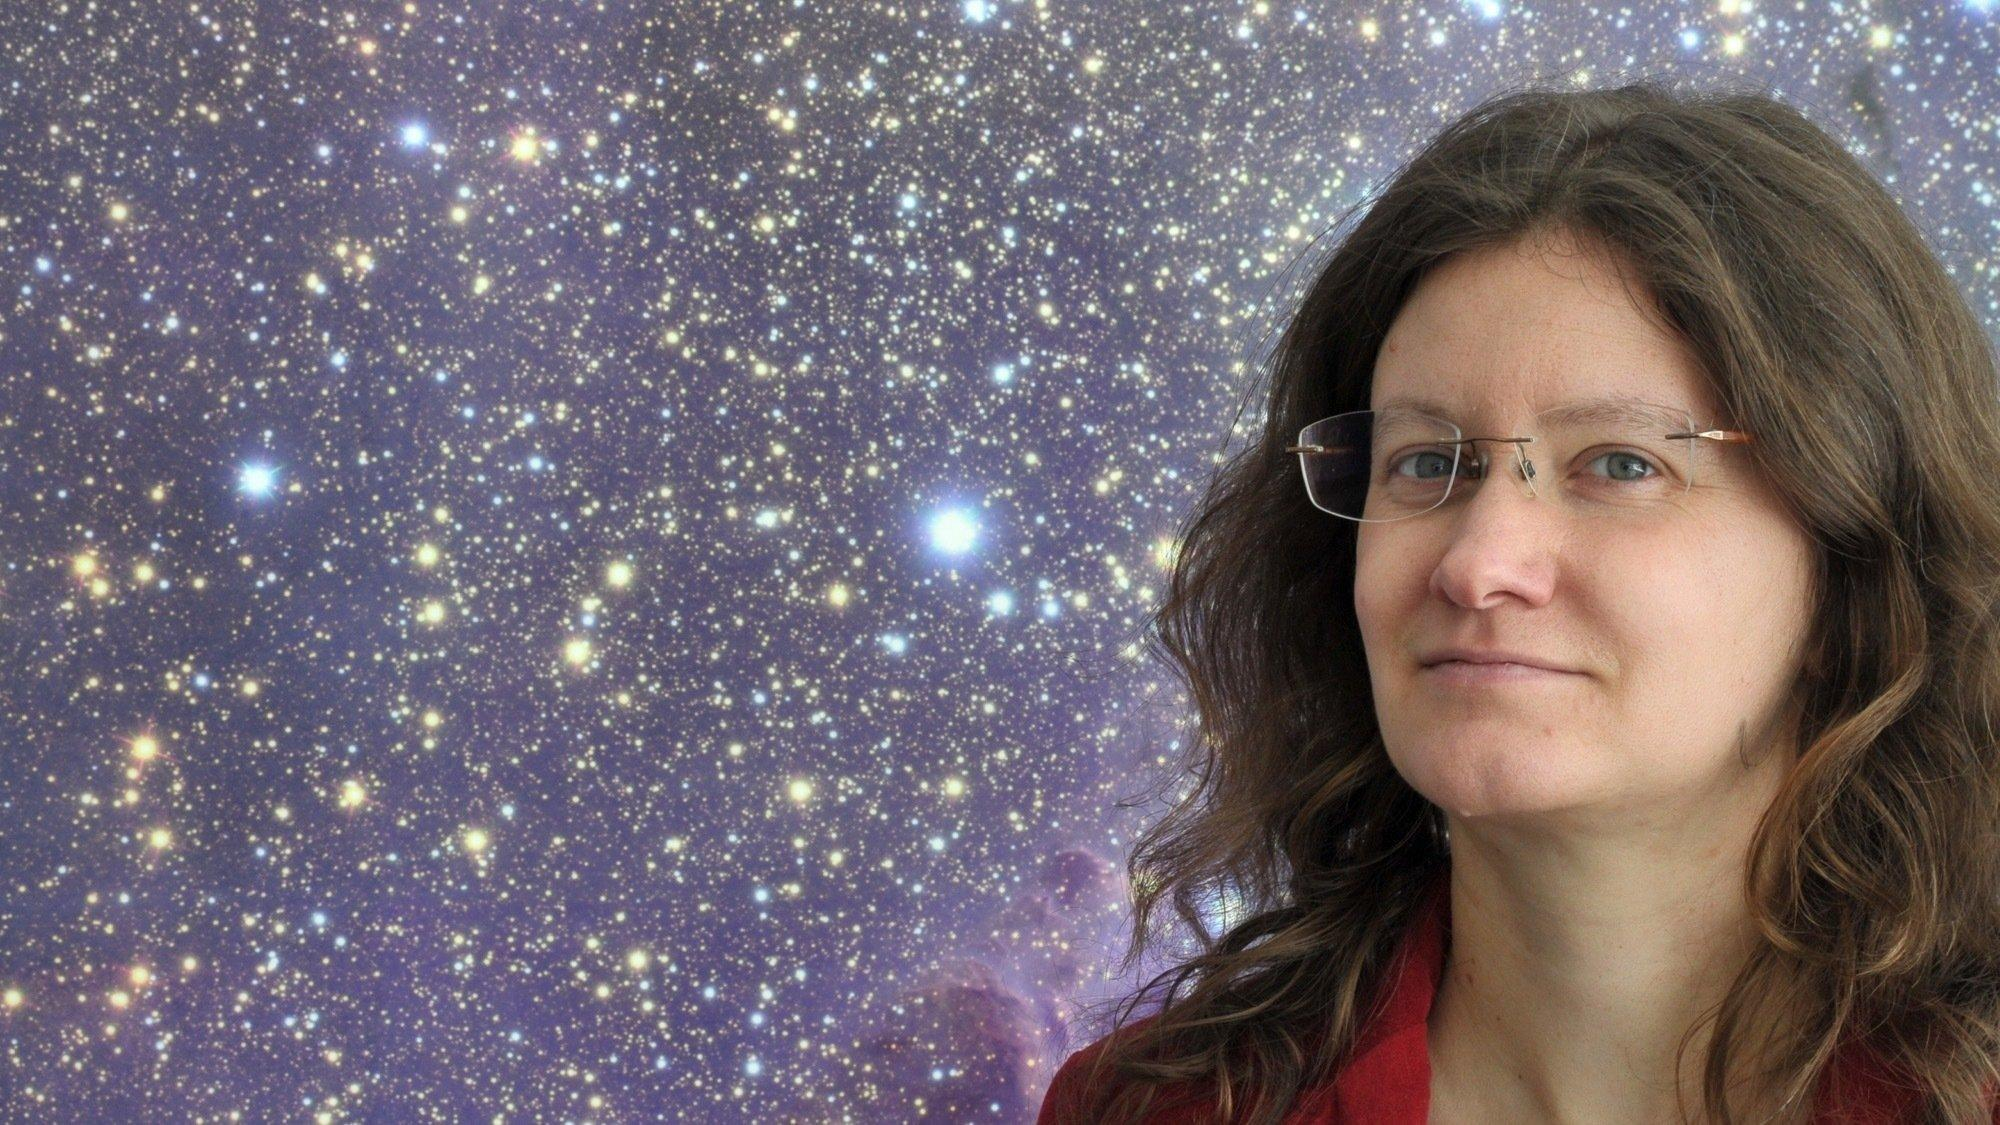 Portrait von Felicitas Mokler vor einem Bild mit Sternenhimmel